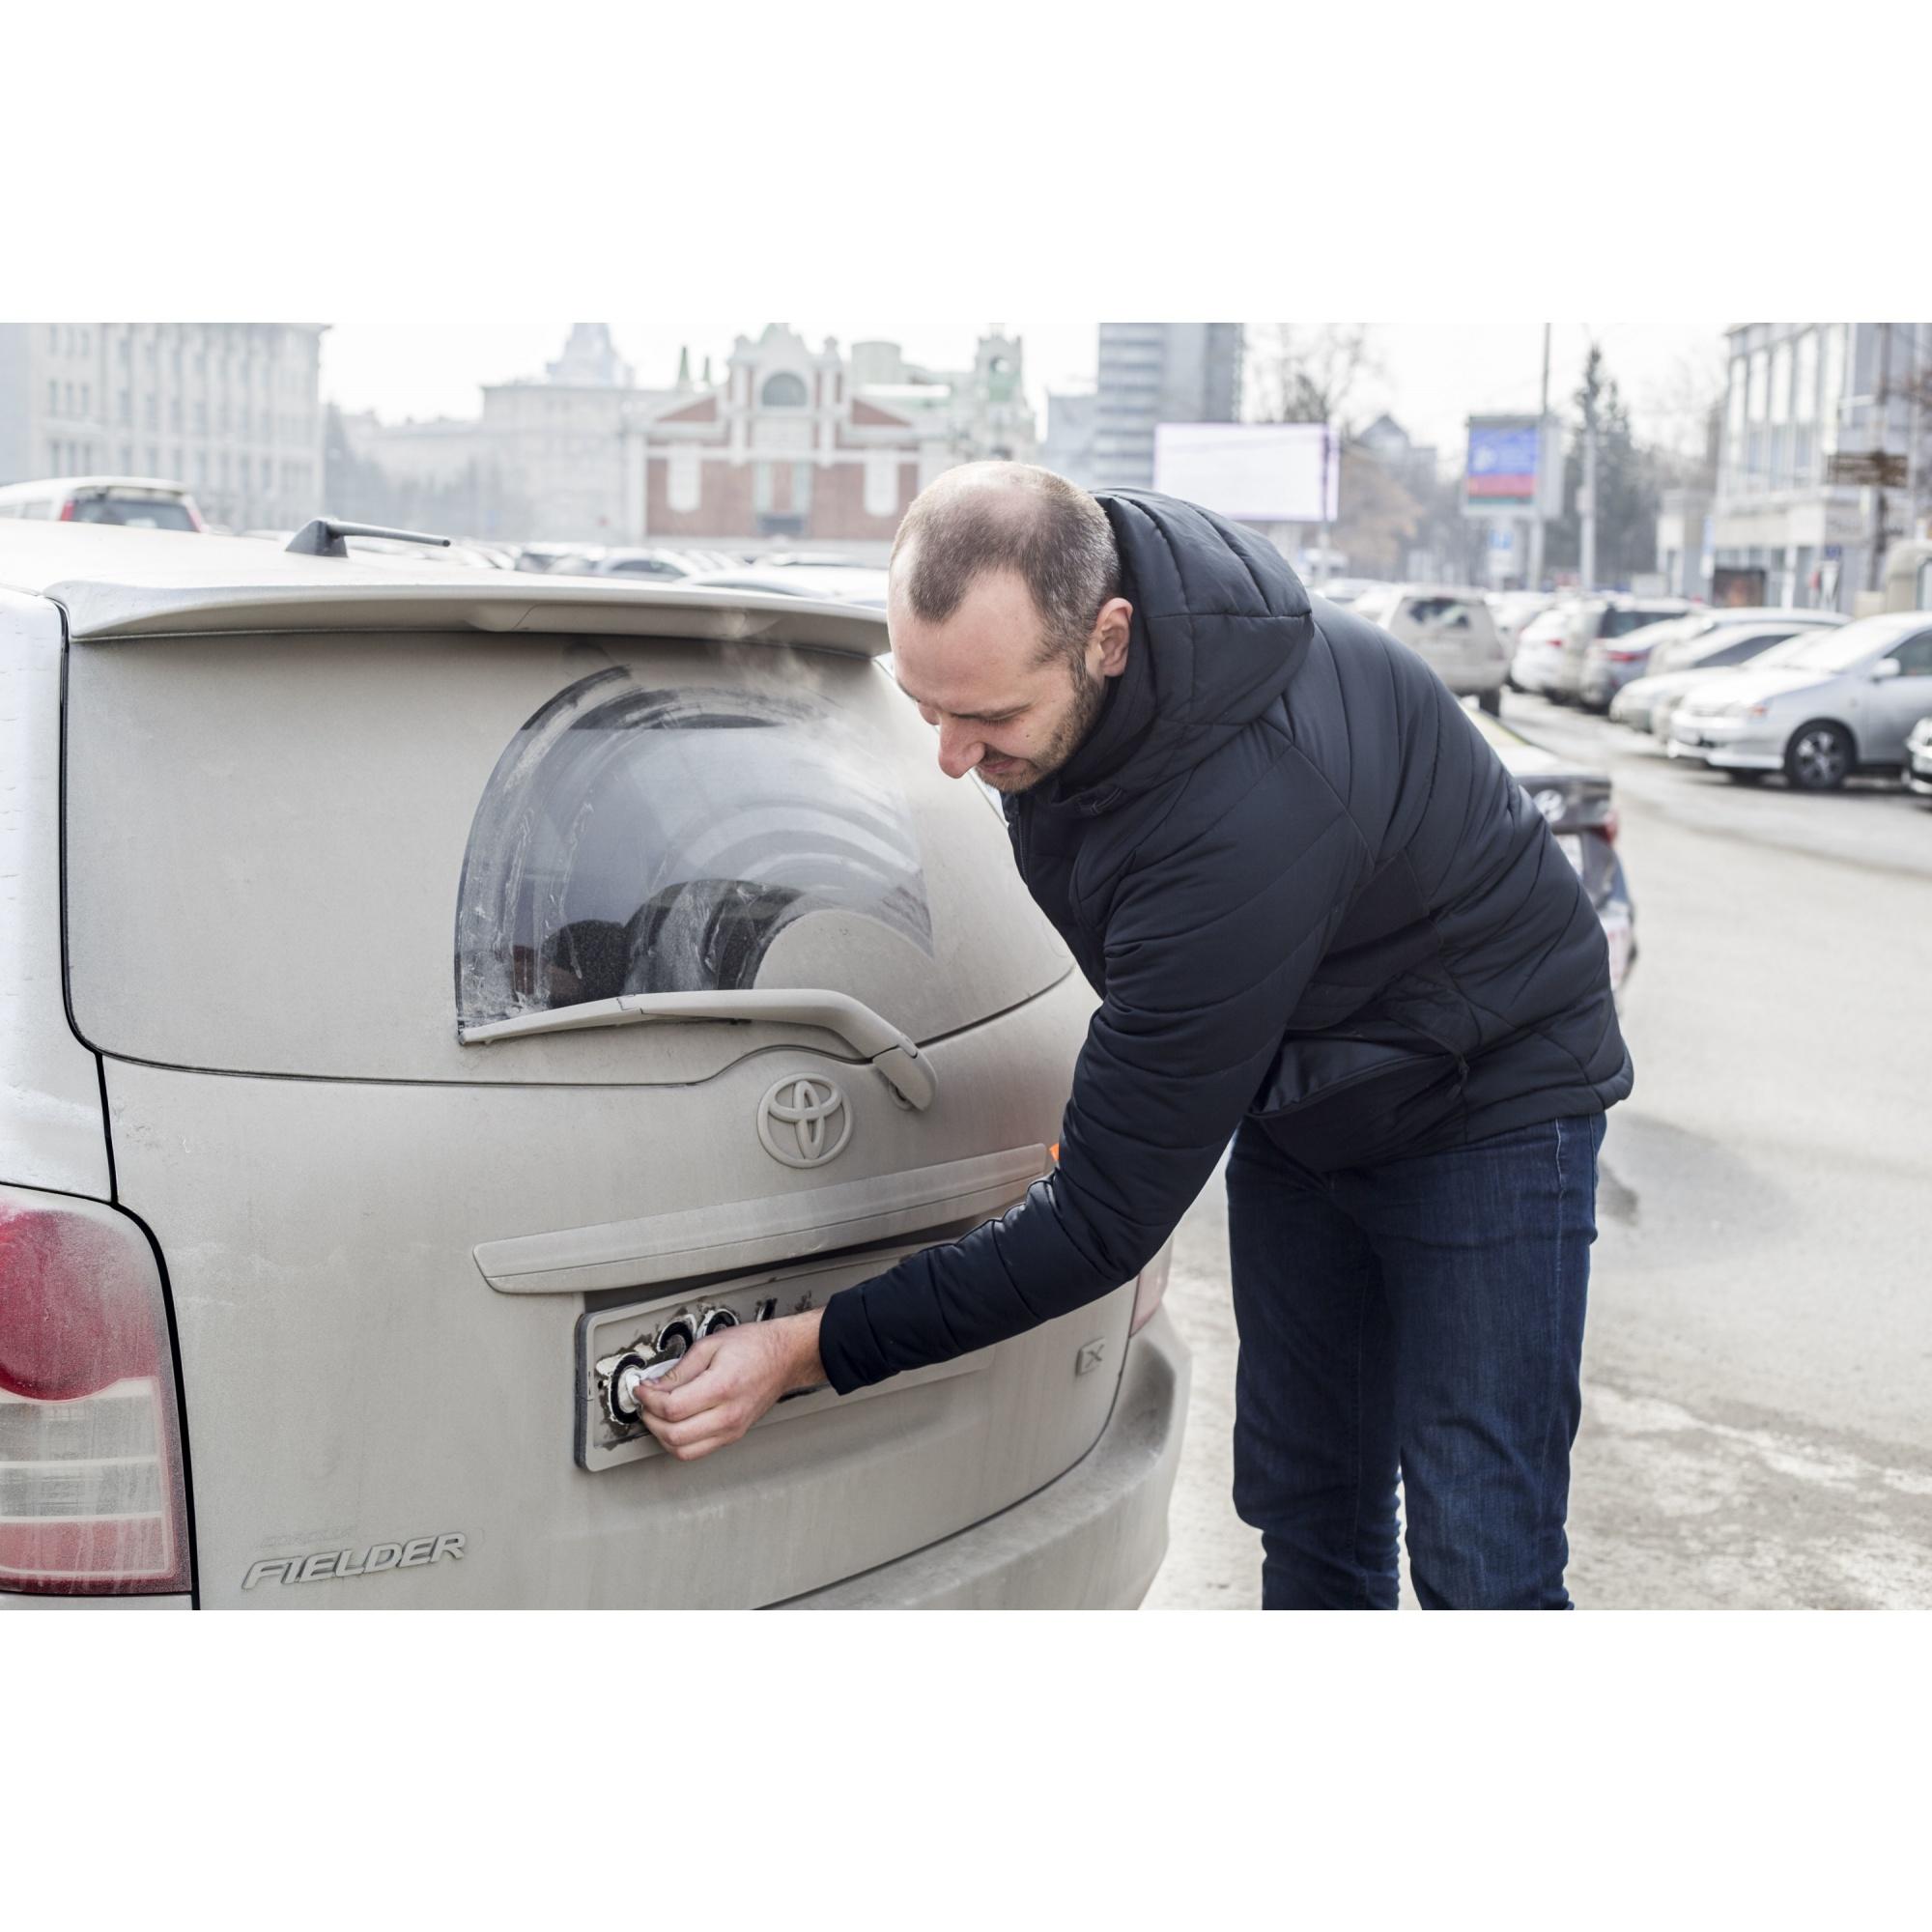 Всего за час автоинспекторы раздали водителям около двух сотен упаковок с влажными салфетками